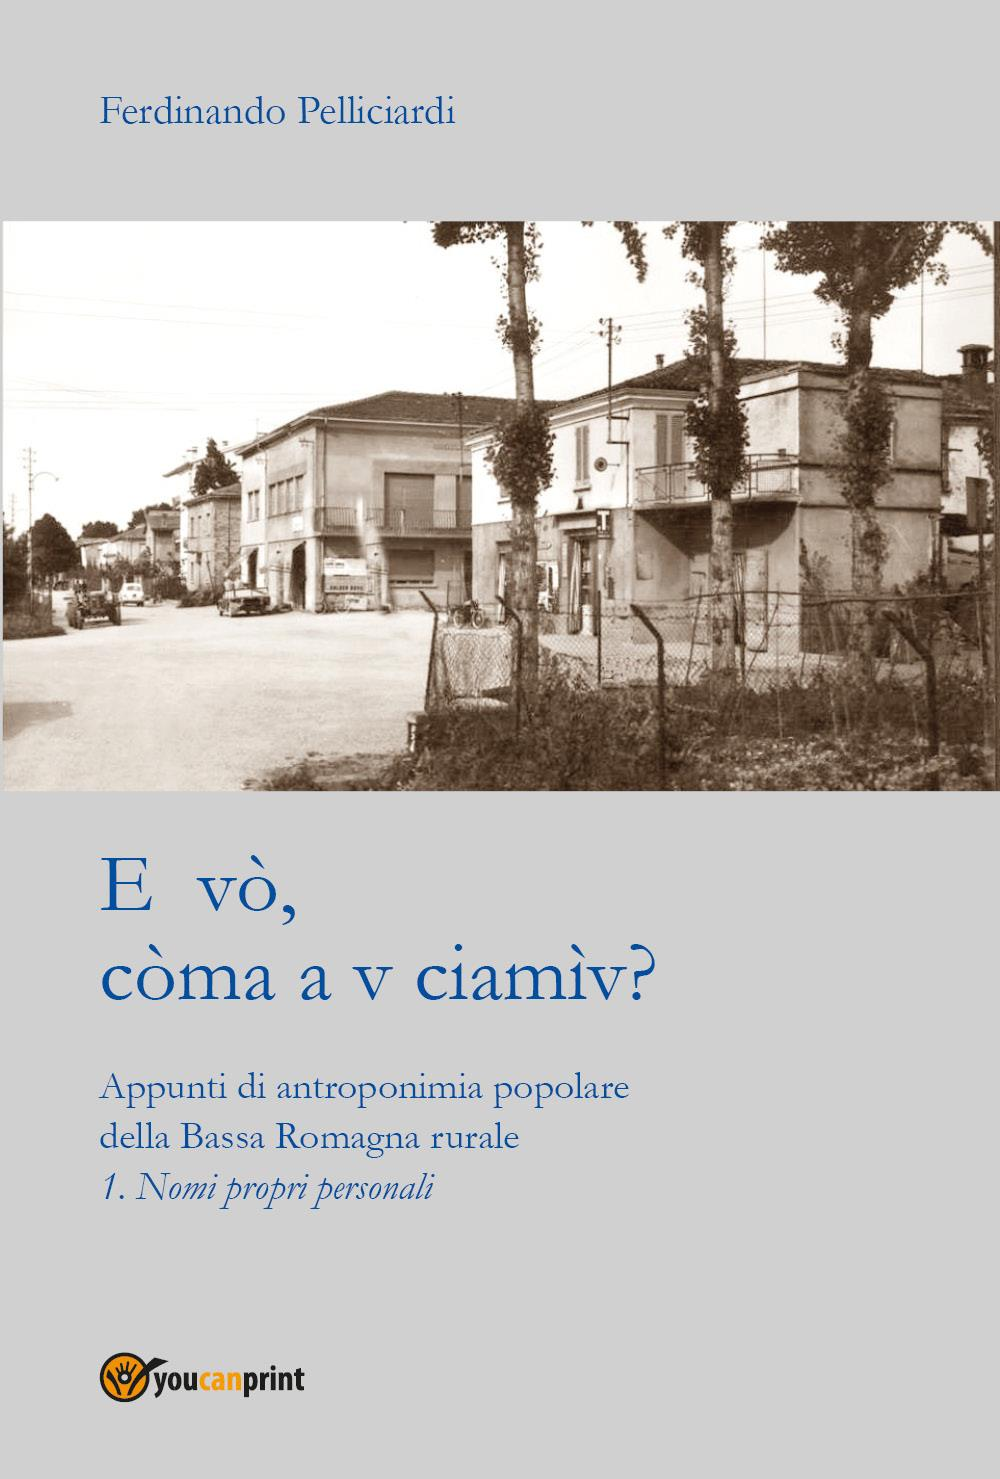 E vò, còma a v ciamìv? Appunti di antroponimia popolare della Bassa Romagna rurale